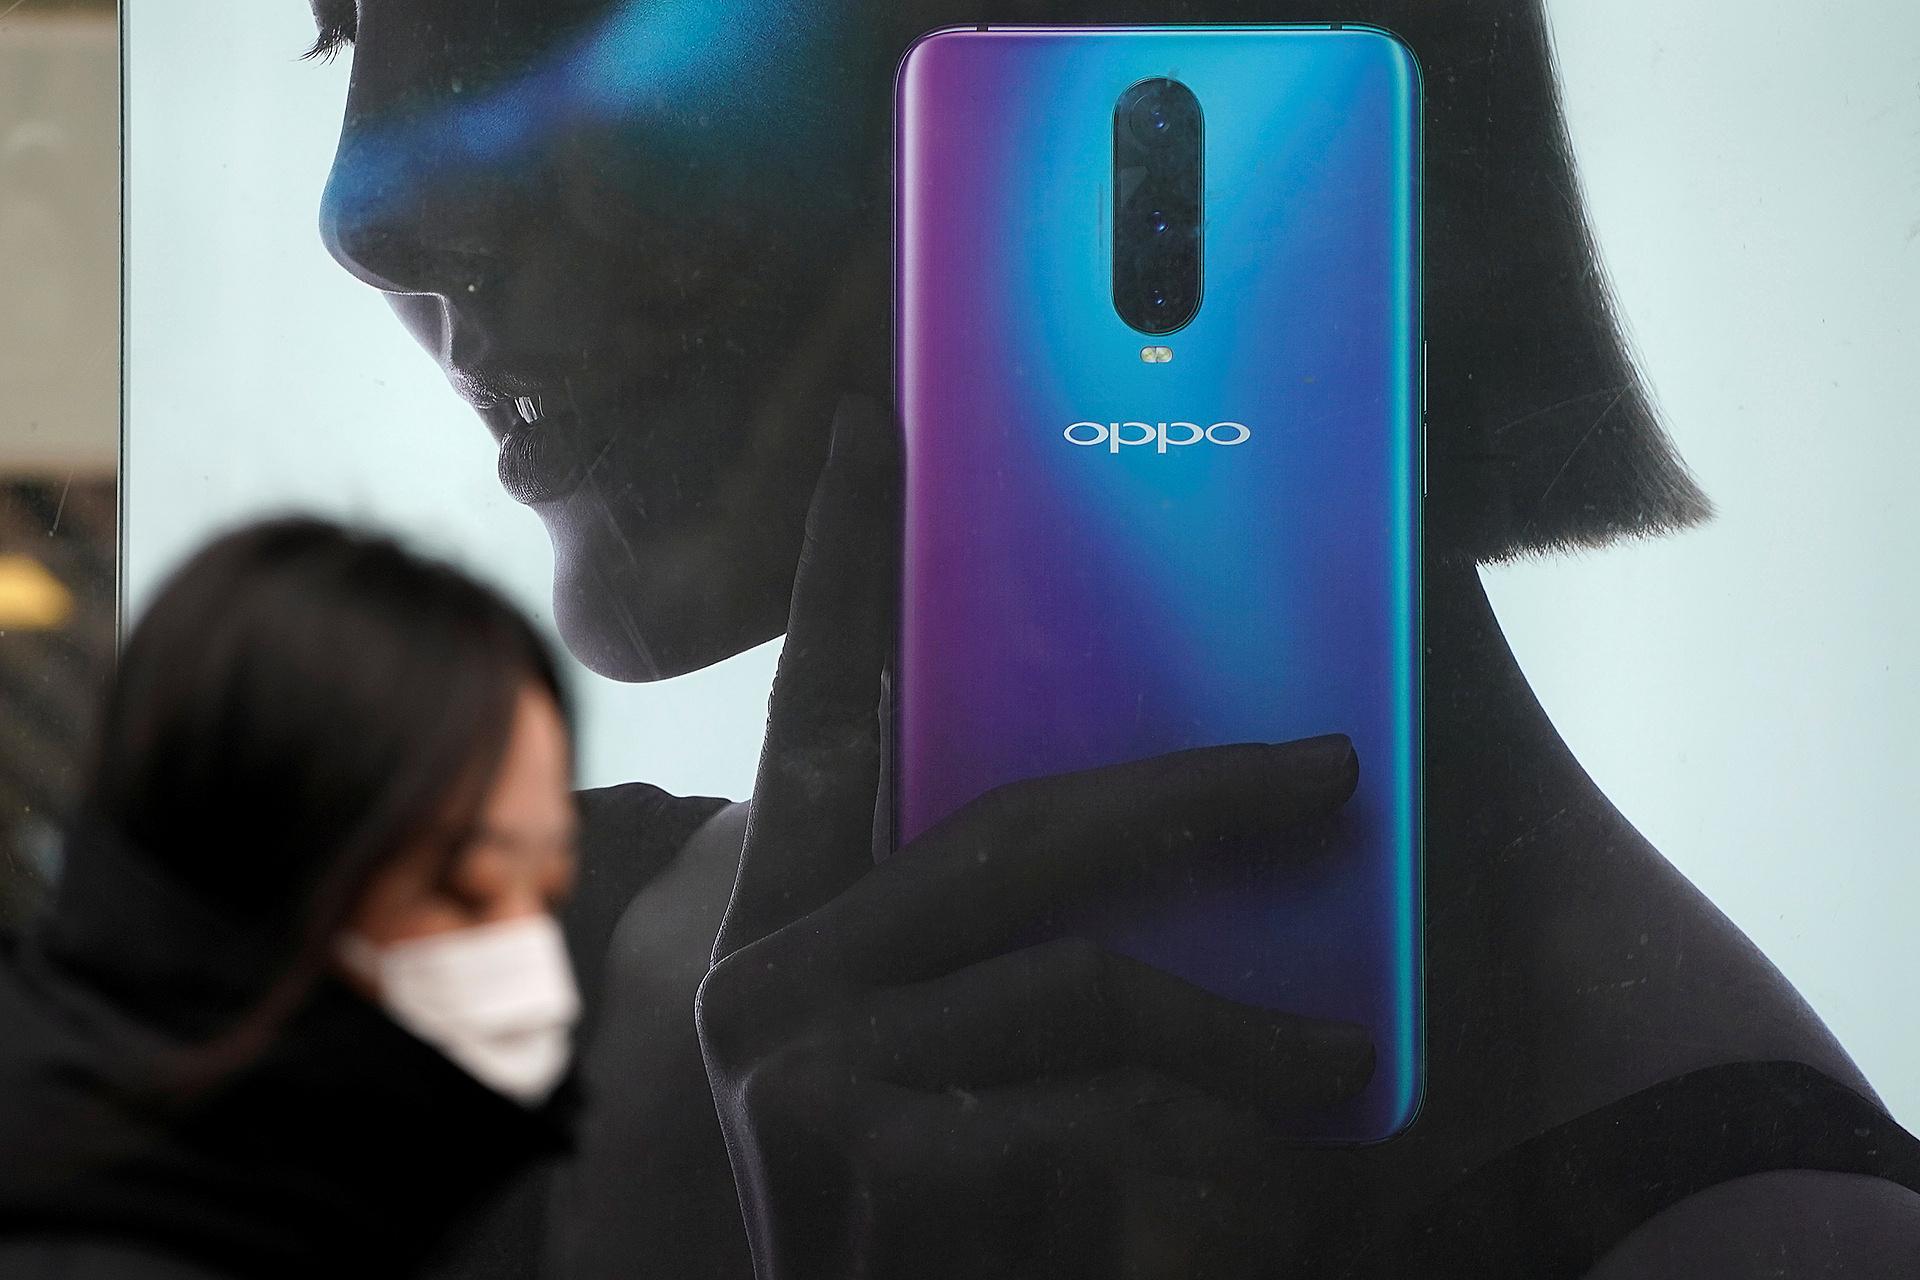 Thoả thuận về việc sở hữu trí tuệ giữa Nokia và Oppo được ký từ năm 2018 nhưng đã hết hạn. Oppo từ chối gia hạn hợp đồng, buộc Nokia nộp đơn khởi kiện tại một số quốc gia châu Á và châu Âu. Ảnh: Nikkei.